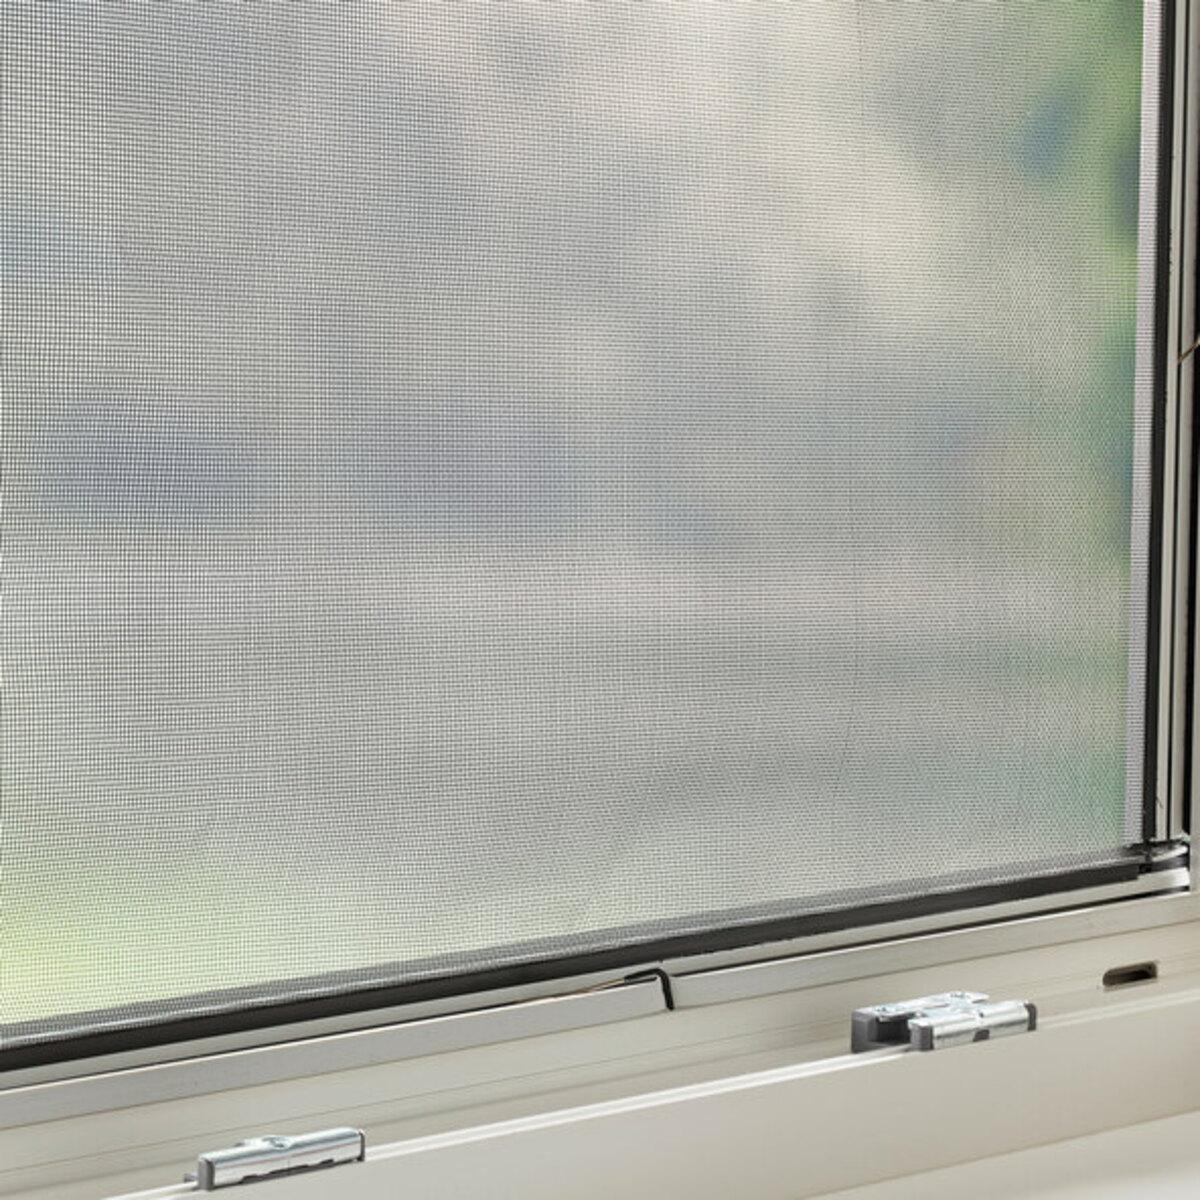 Bild 1 von Nagerschutzfenster, 100 x 60 cm